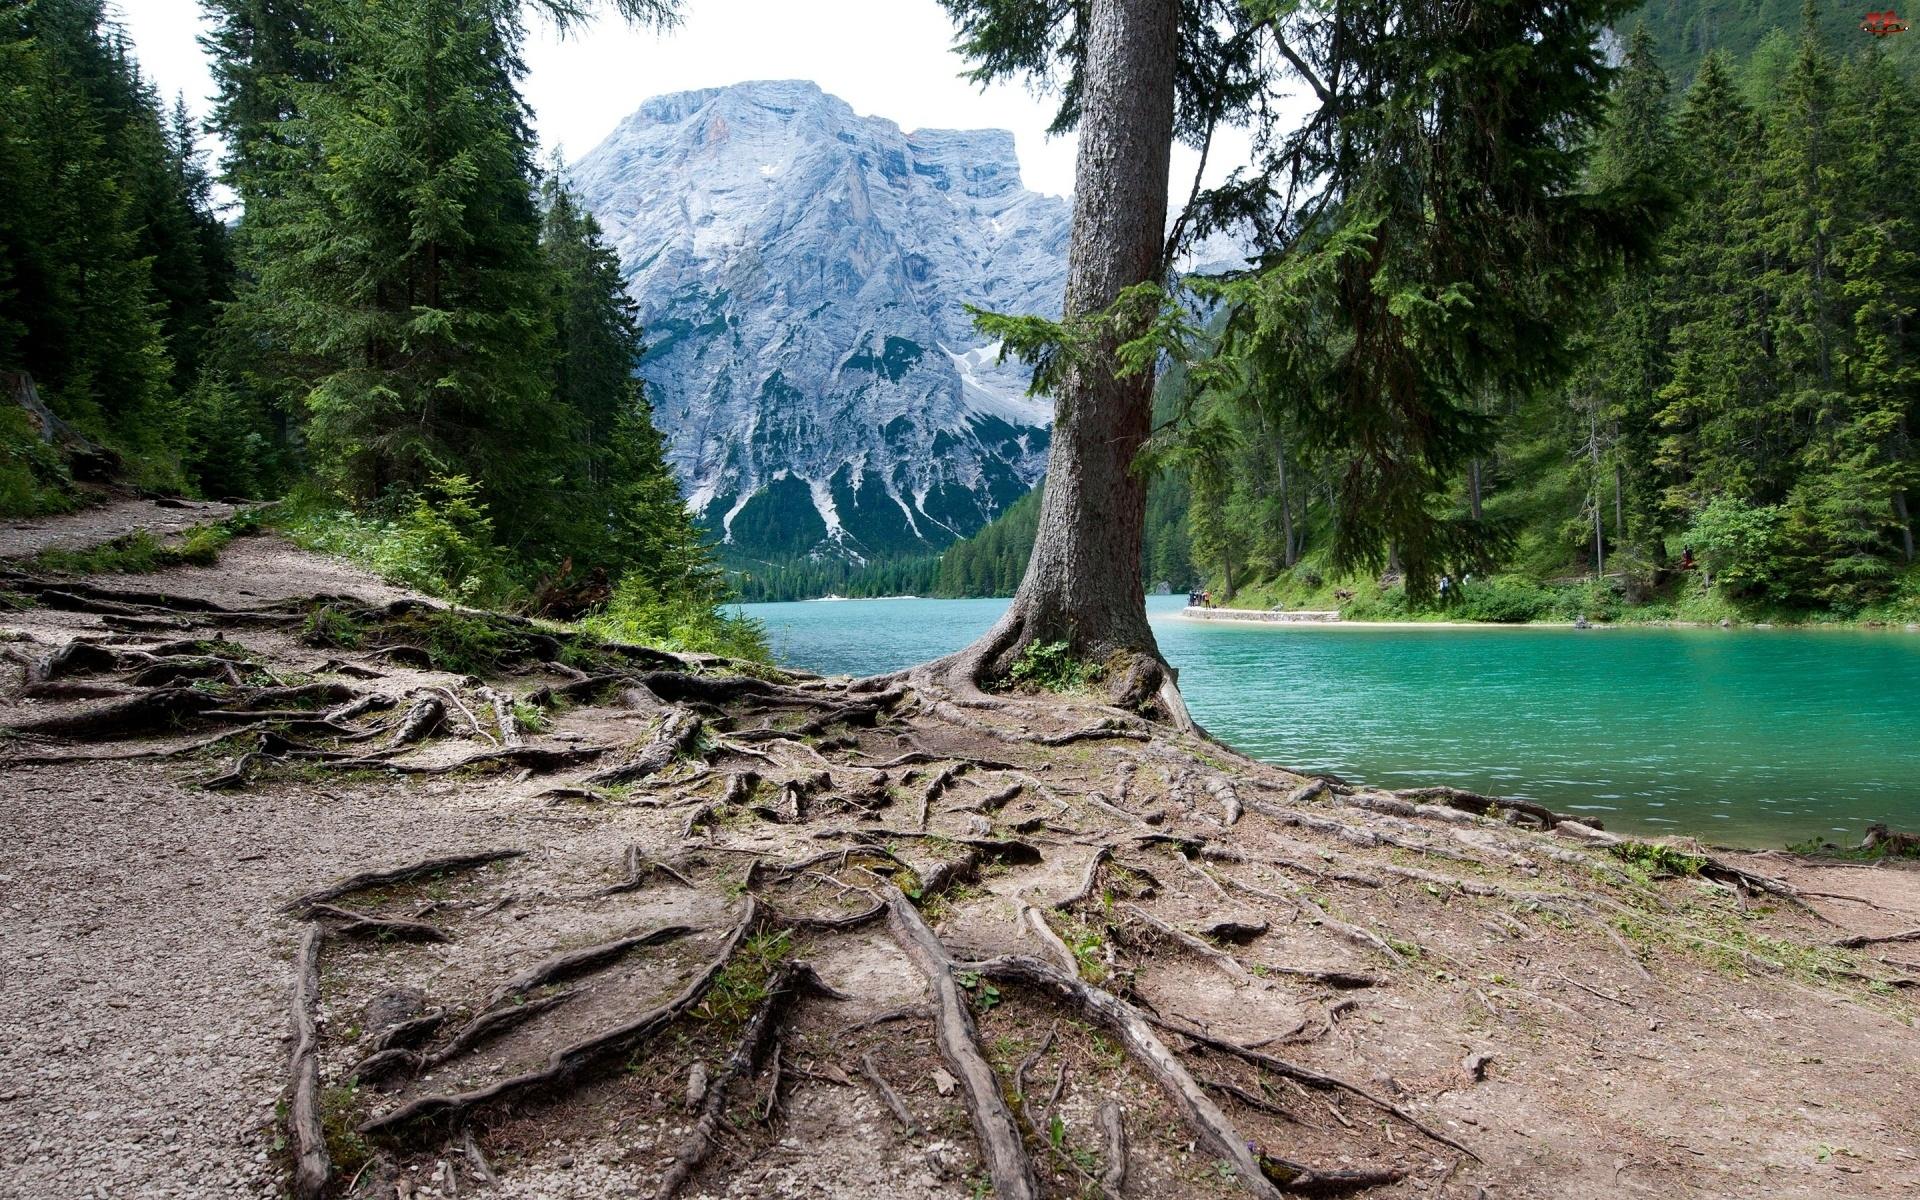 Jezioro, Góry, Drzewa, Korzenie